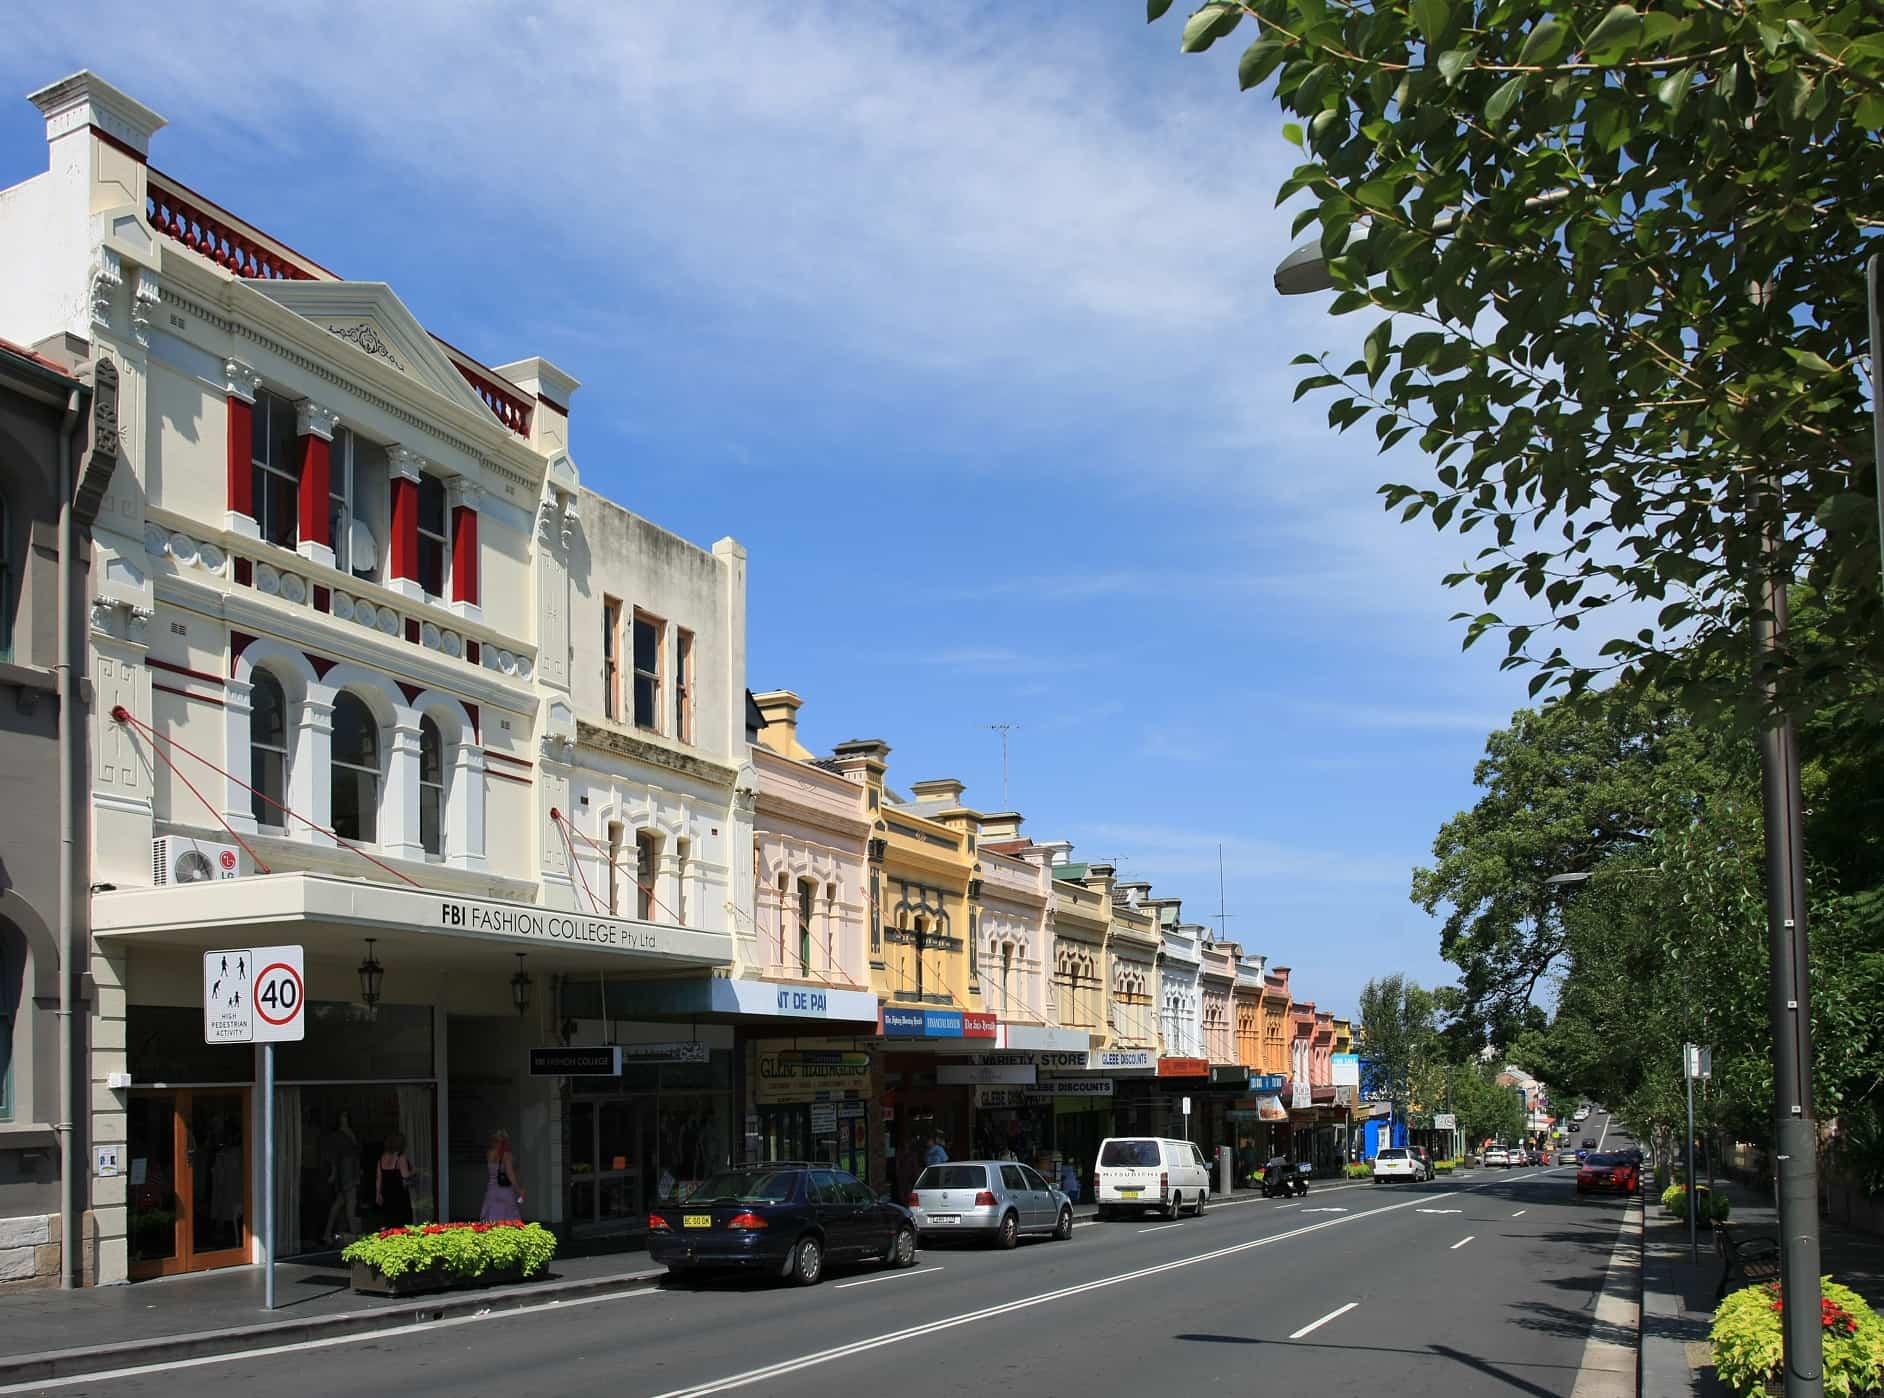 Glebe NSW